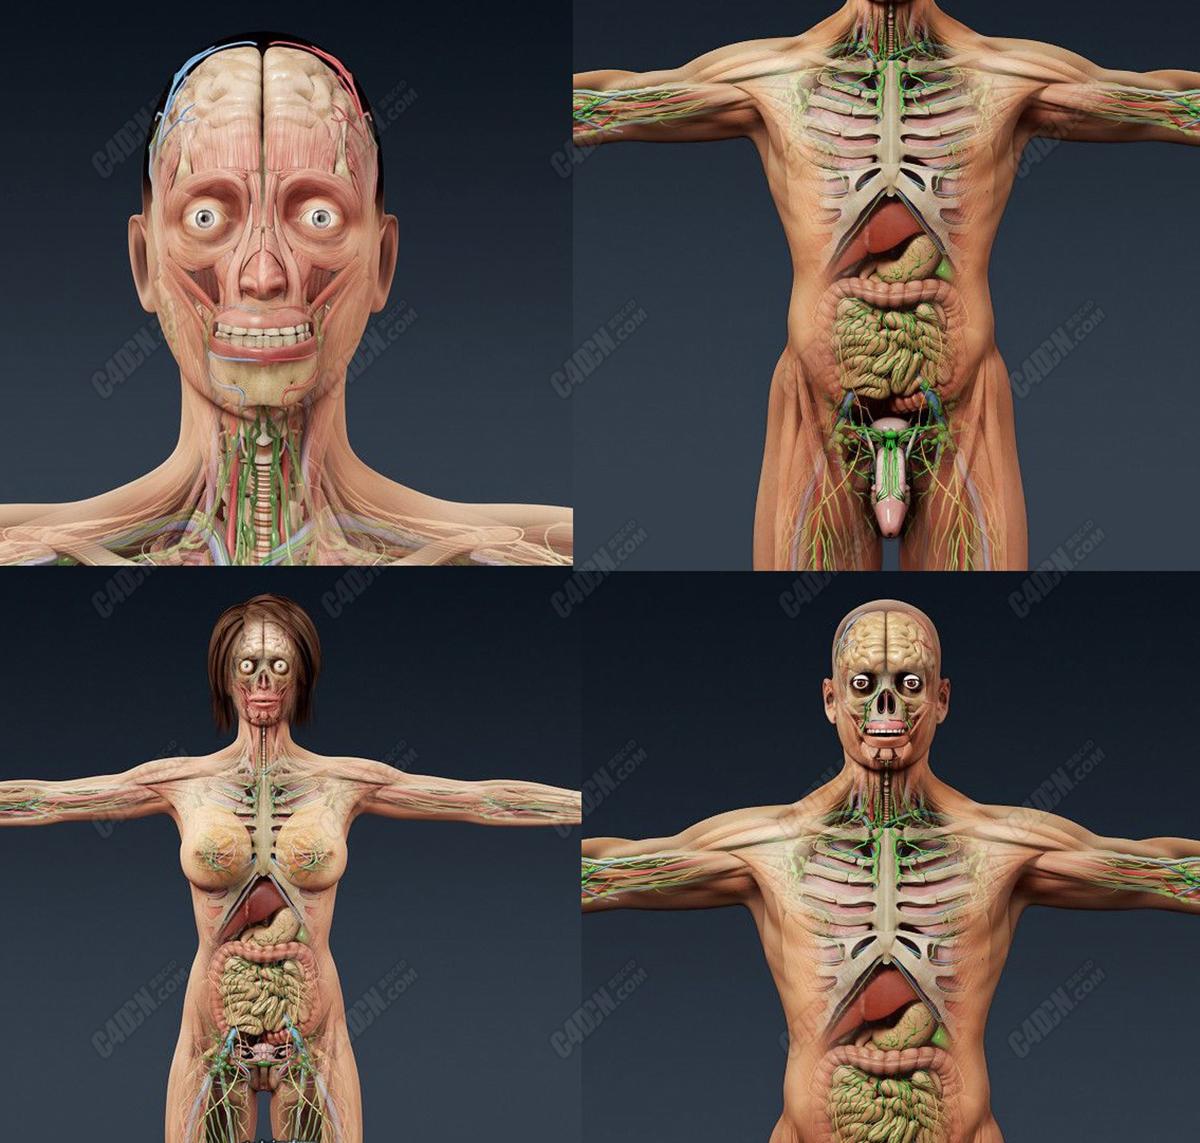 C4D人类医学组织解剖人体模型[包含男性和女性]